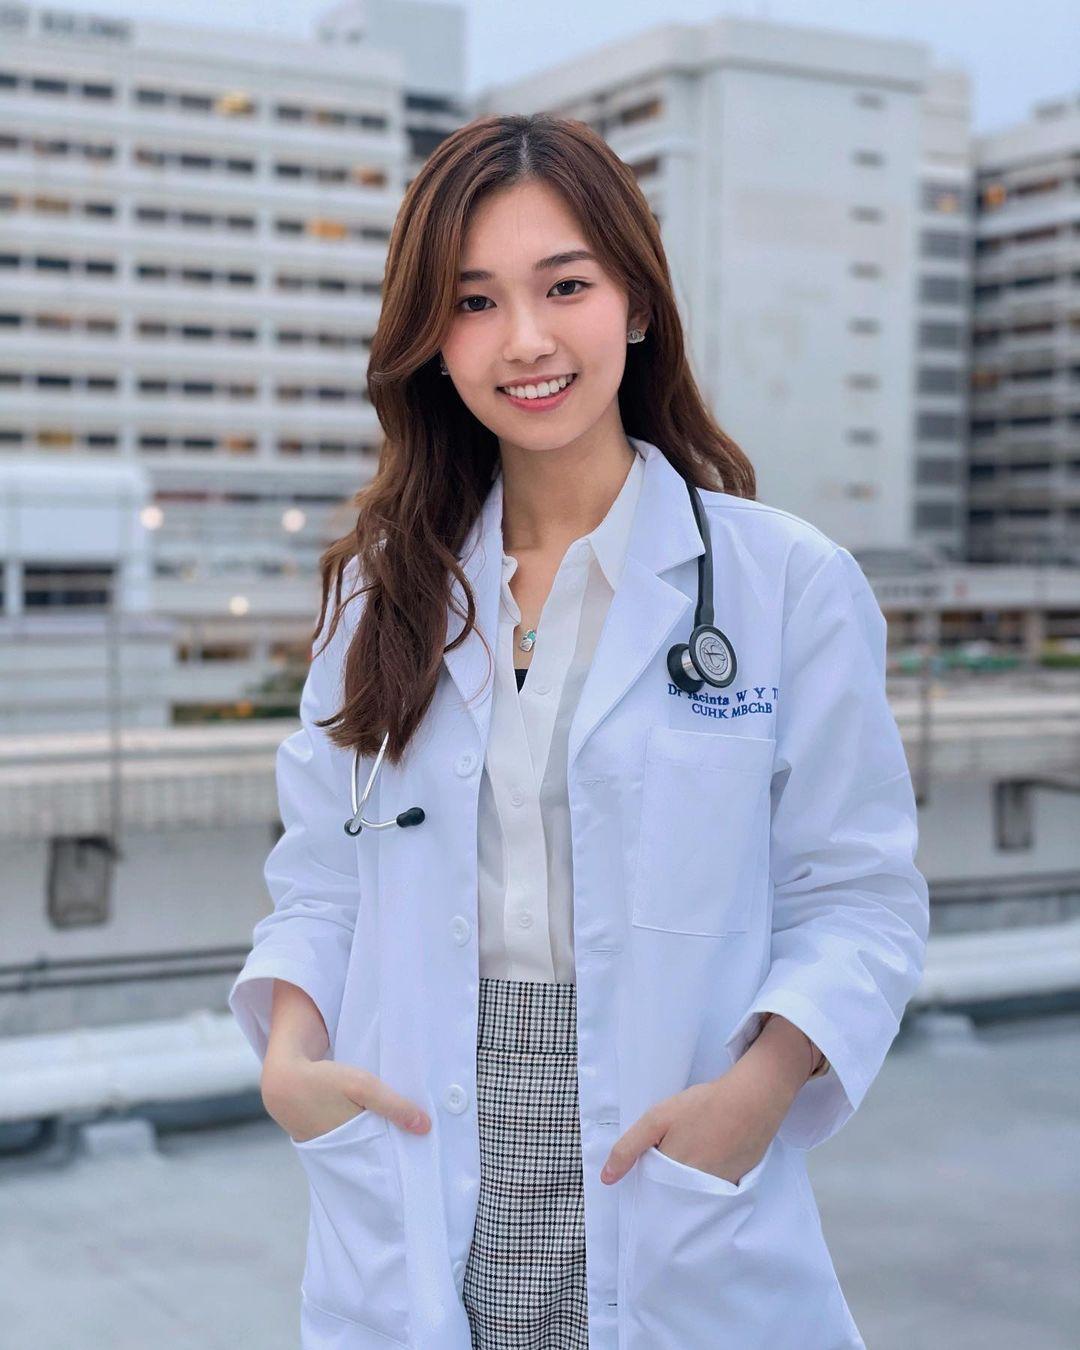 清新可人的「正妹医生」让人好心动!超甜笑容和专业白袍,网友:想给你看病!插图(1)